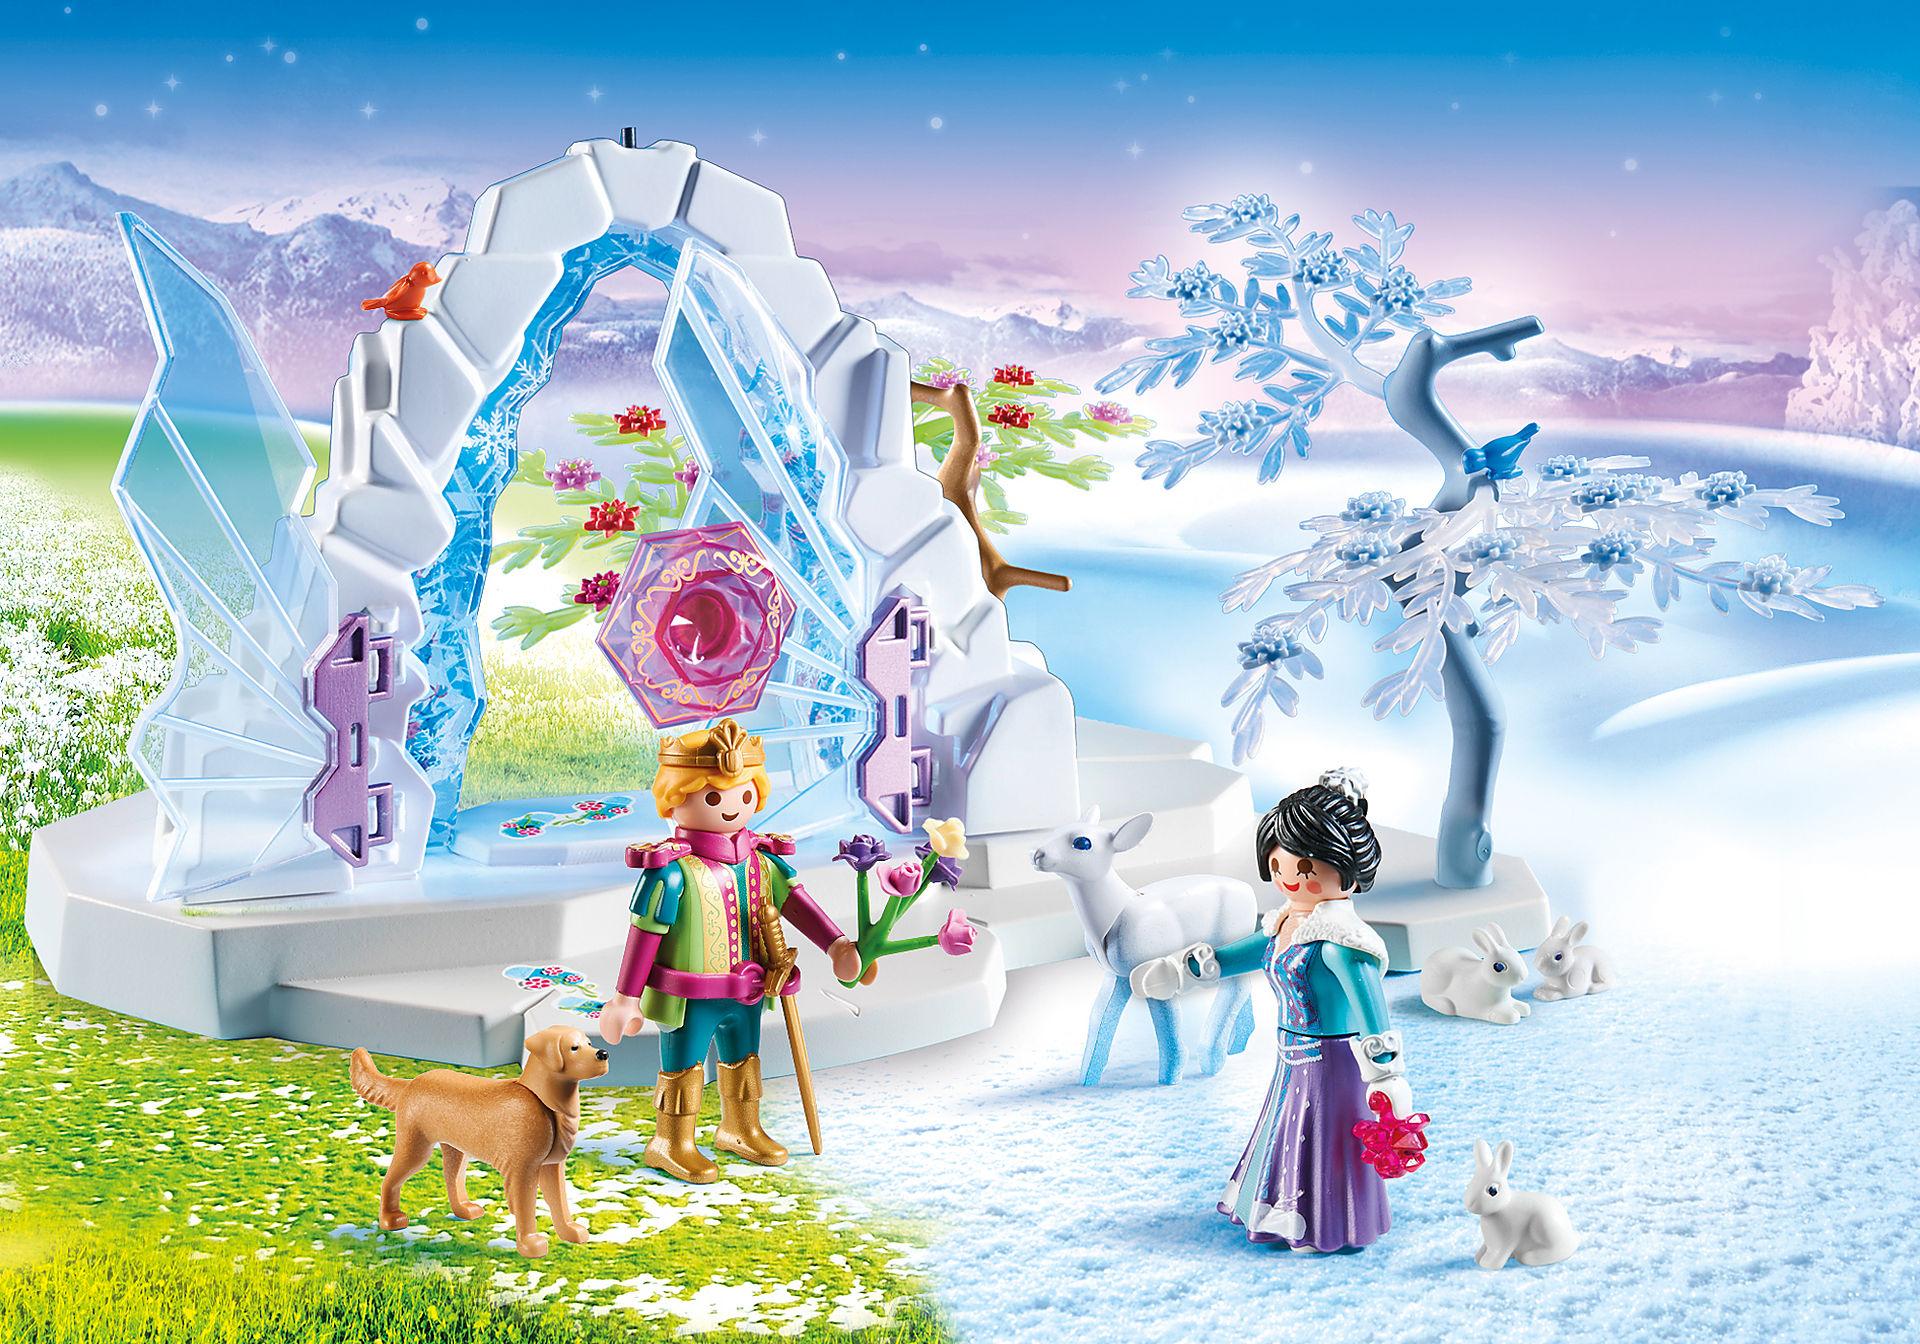 9471 Κρυστάλλινη πύλη του Παγωμένου κόσμου zoom image1